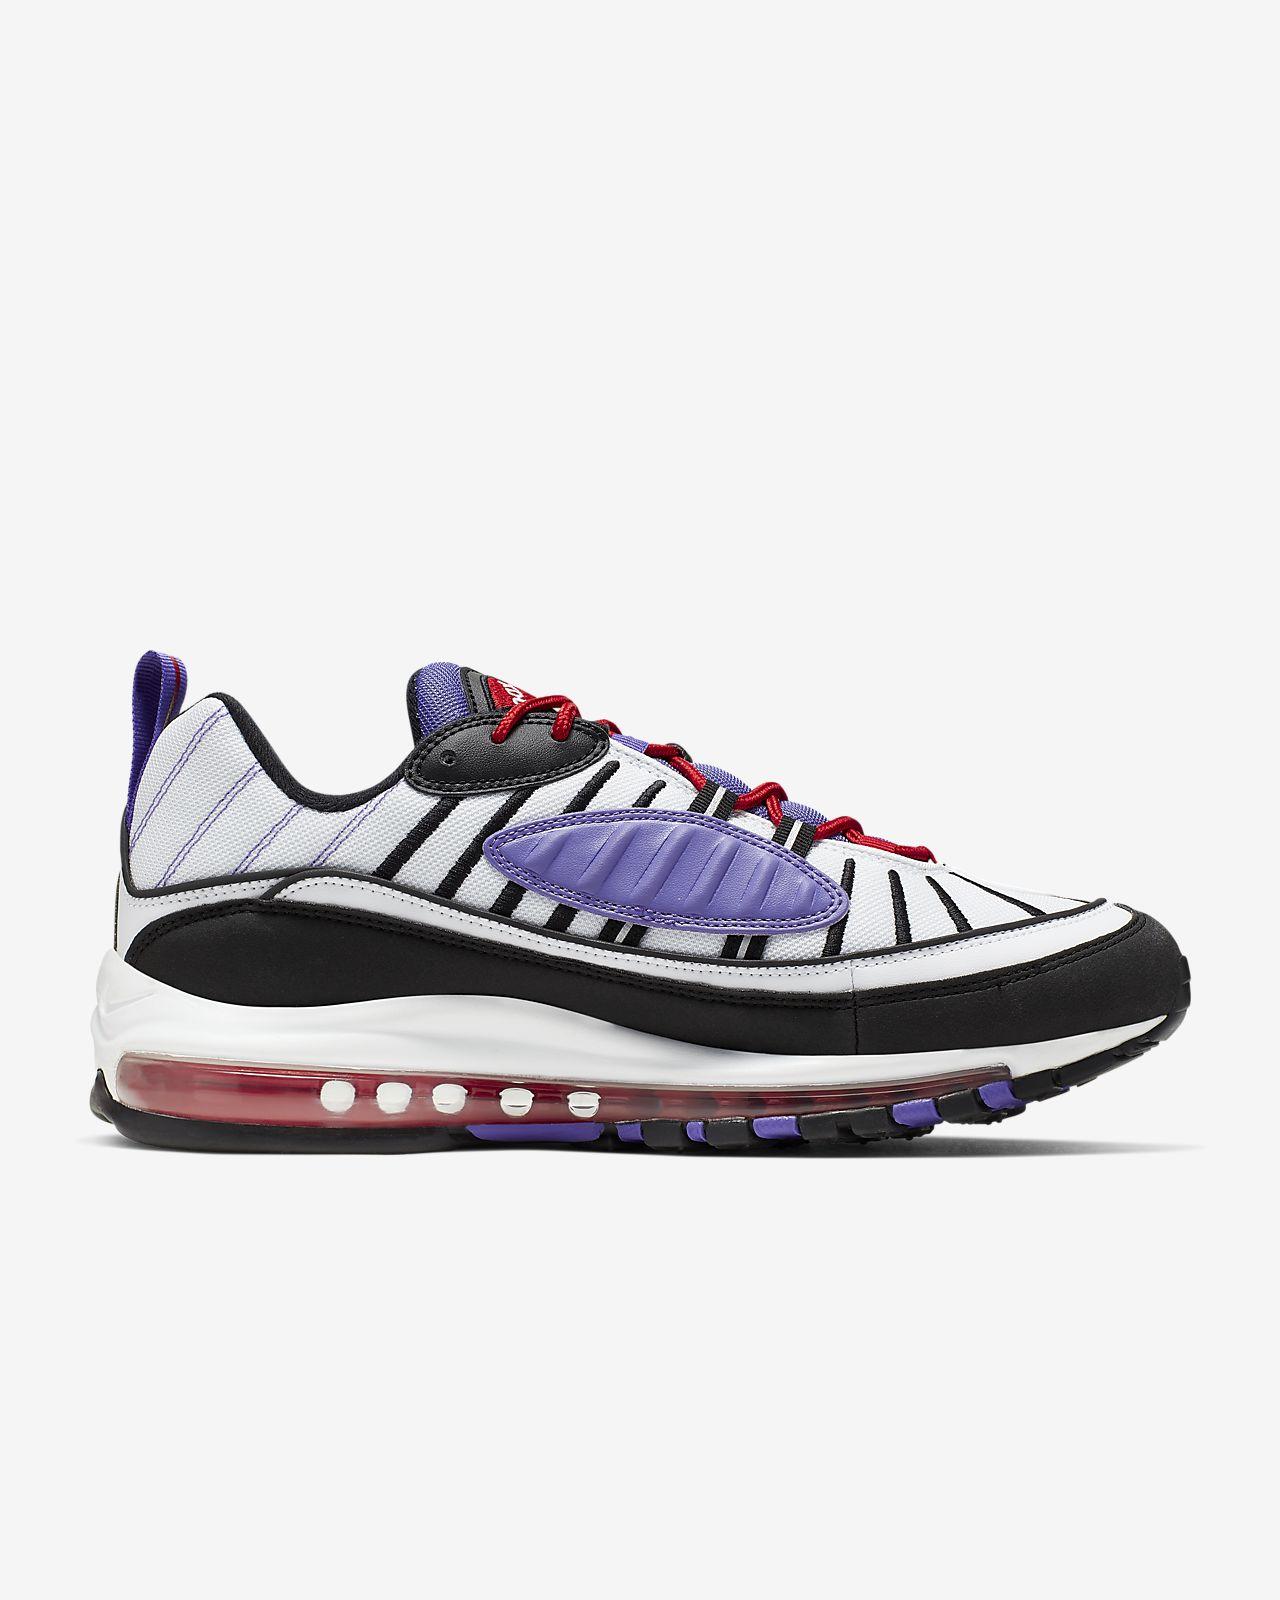 Nike Air Max 98 Herren Schuhe Bestellen, Nike Schuhe Herren